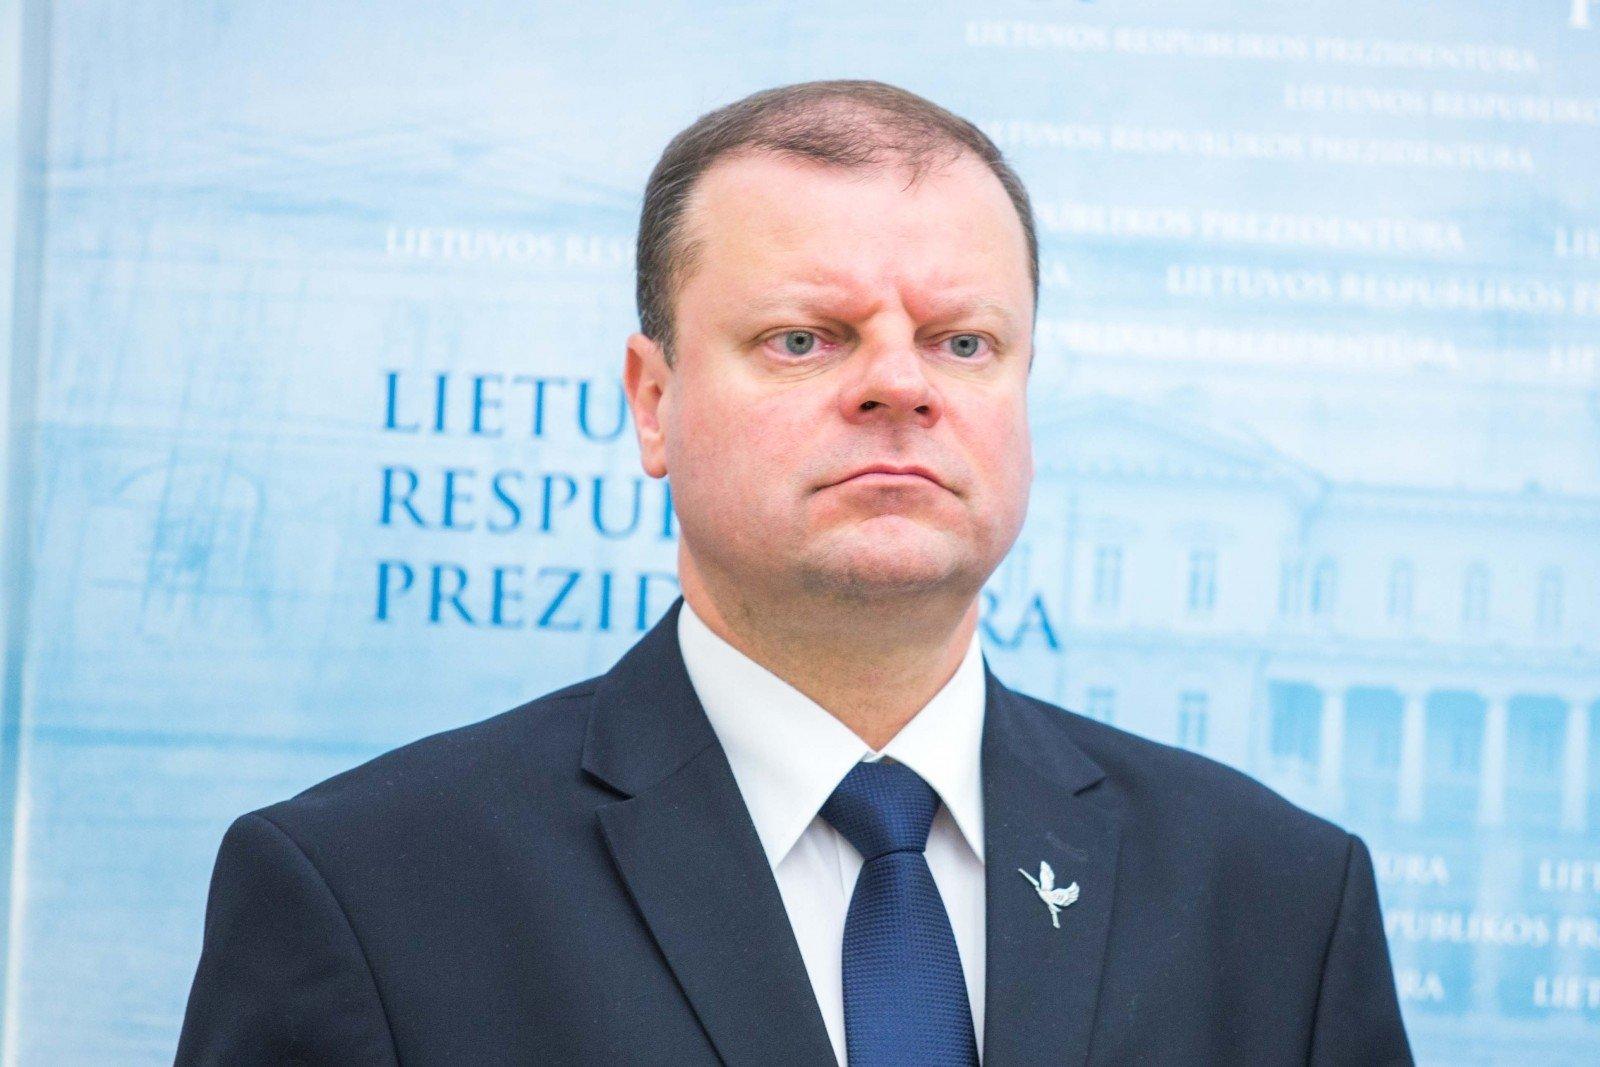 Литванија: Ми смо једина држава ЕУ која нема никакве контакте са Русијом